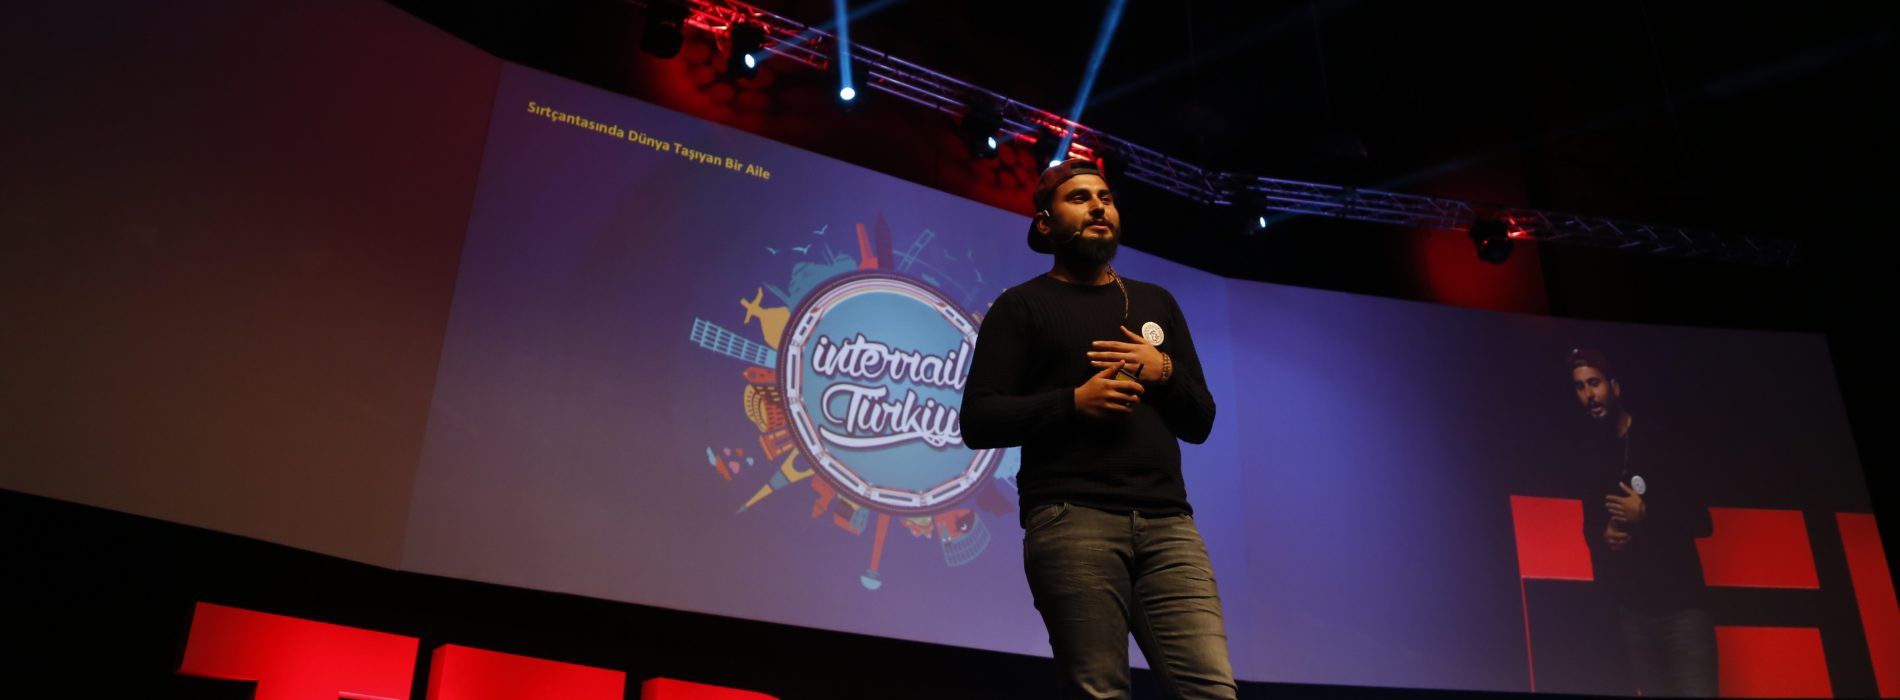 Gezerken Okuyan Bilir InterRail Türkiye TedxIstanbul Konuşması